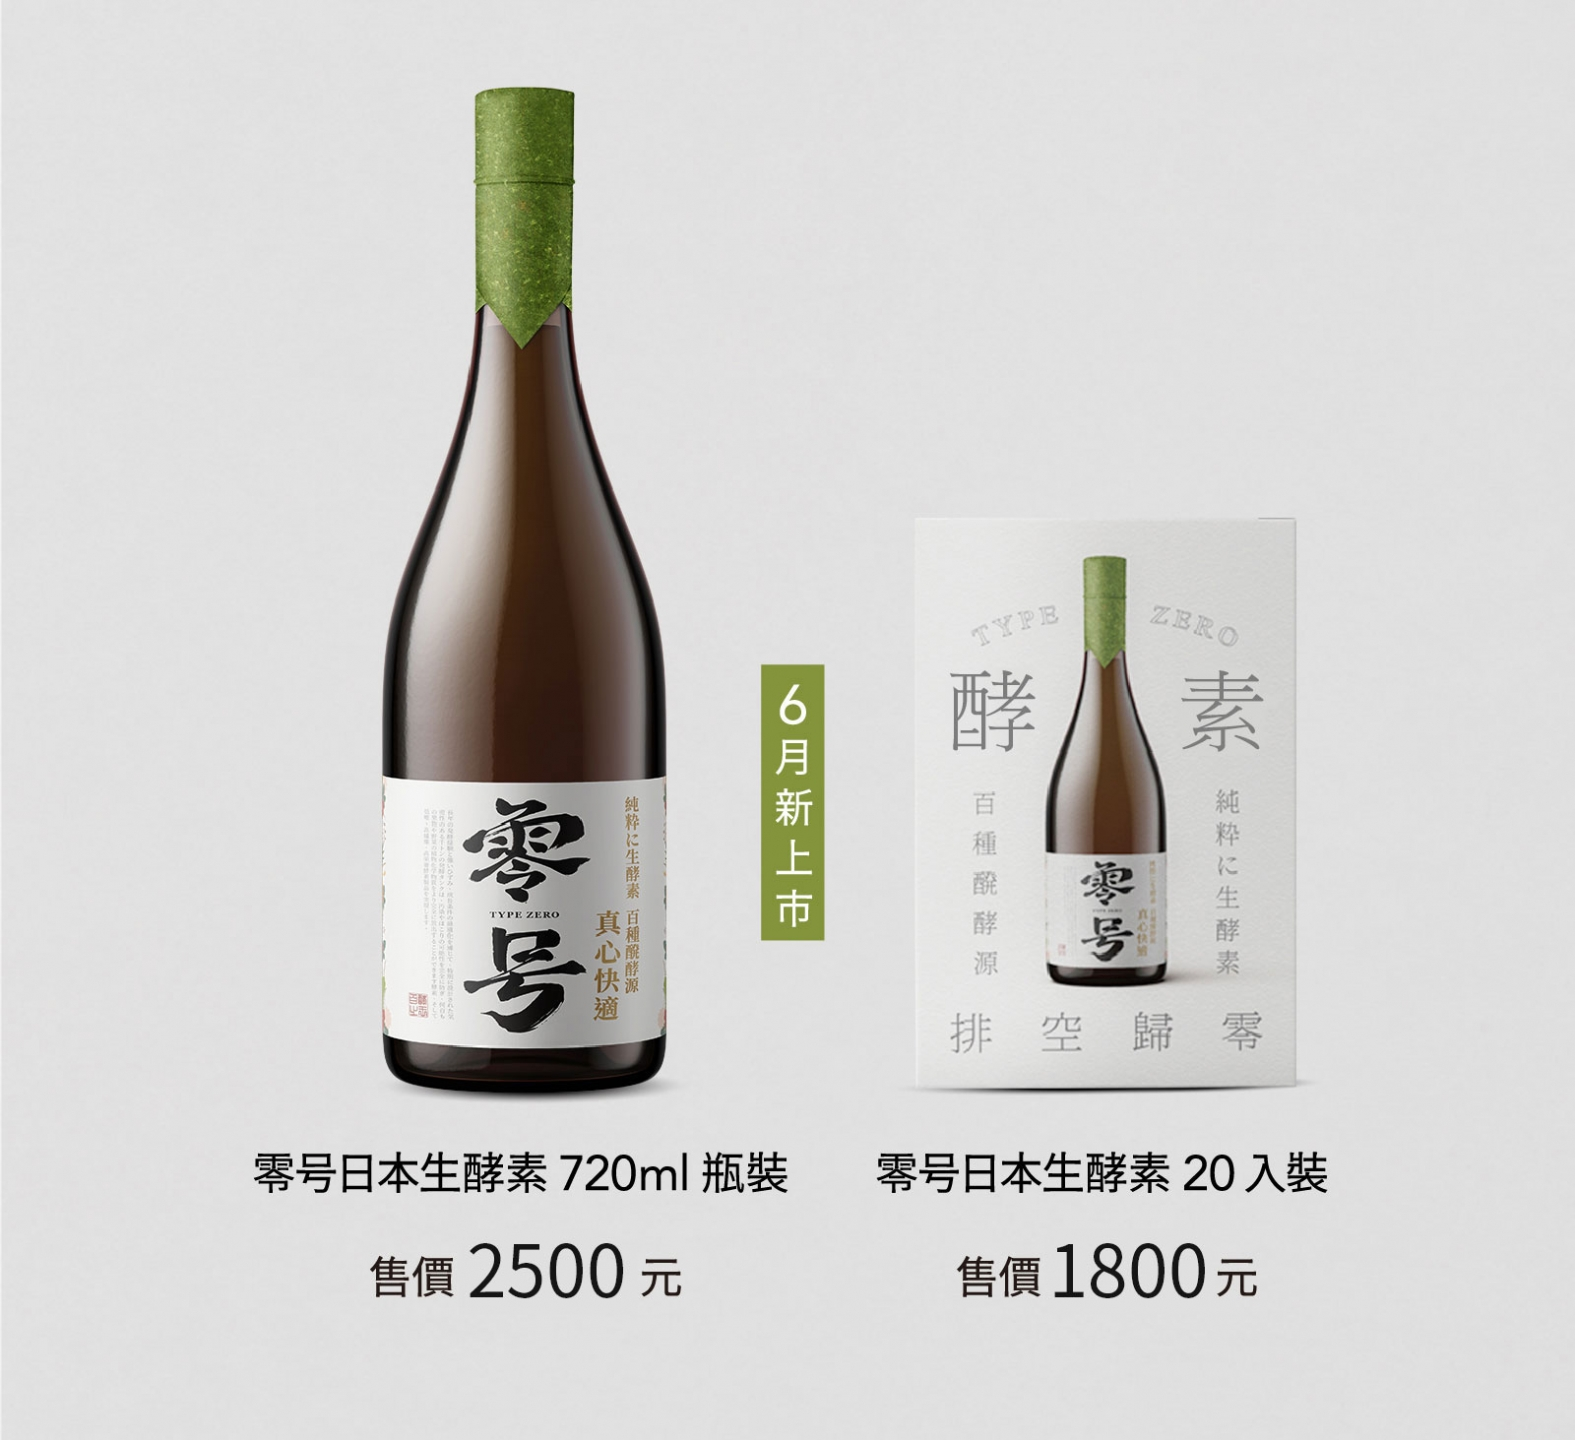 日本零號生酵素-101綜合蔬果酵素-100萬高濃度SOD-排空歸零養顏美容-瓶裝